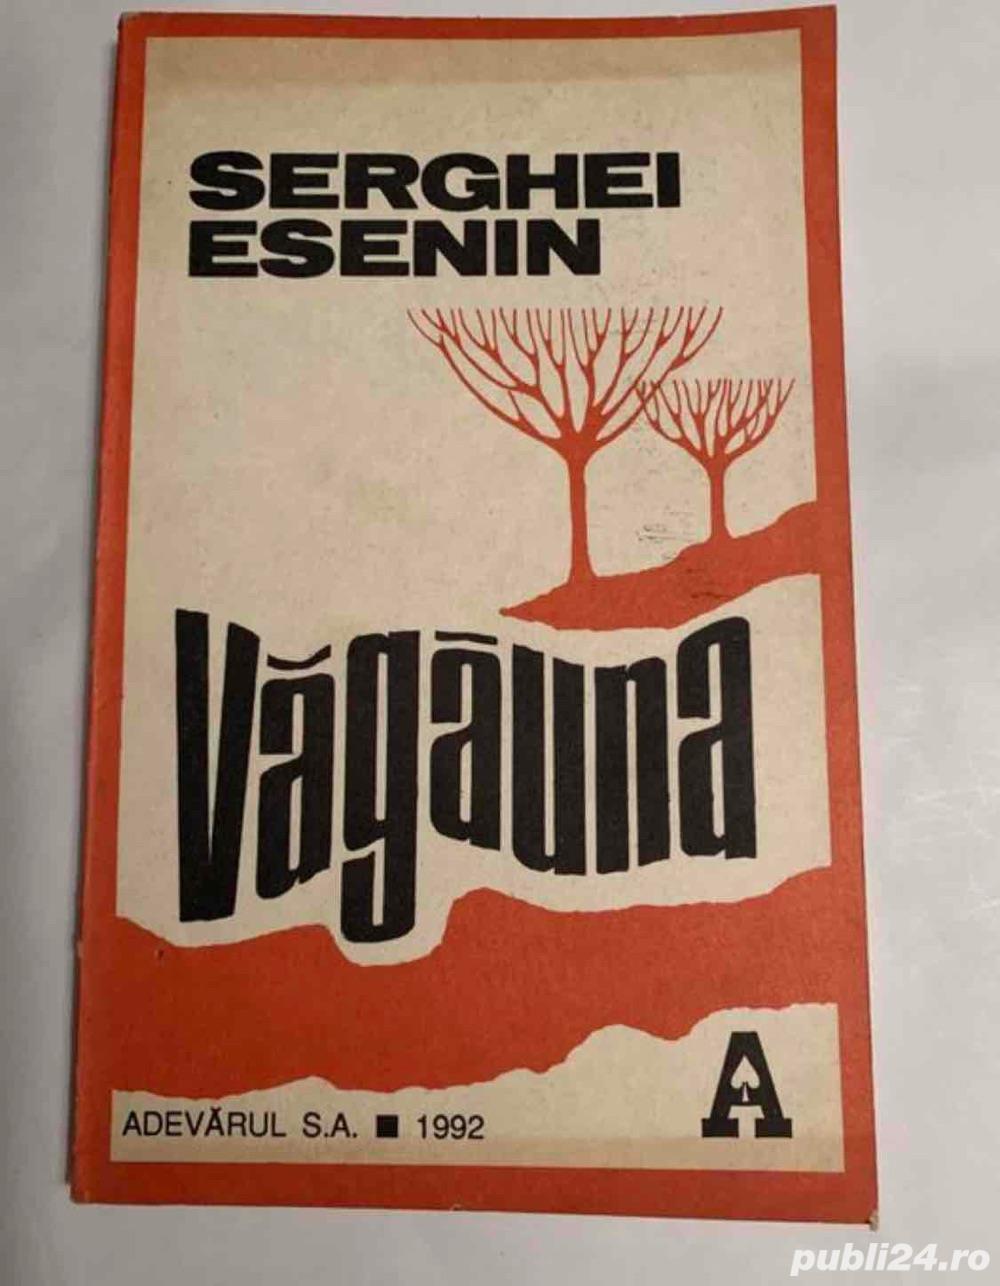 Vagauna, de Esenin